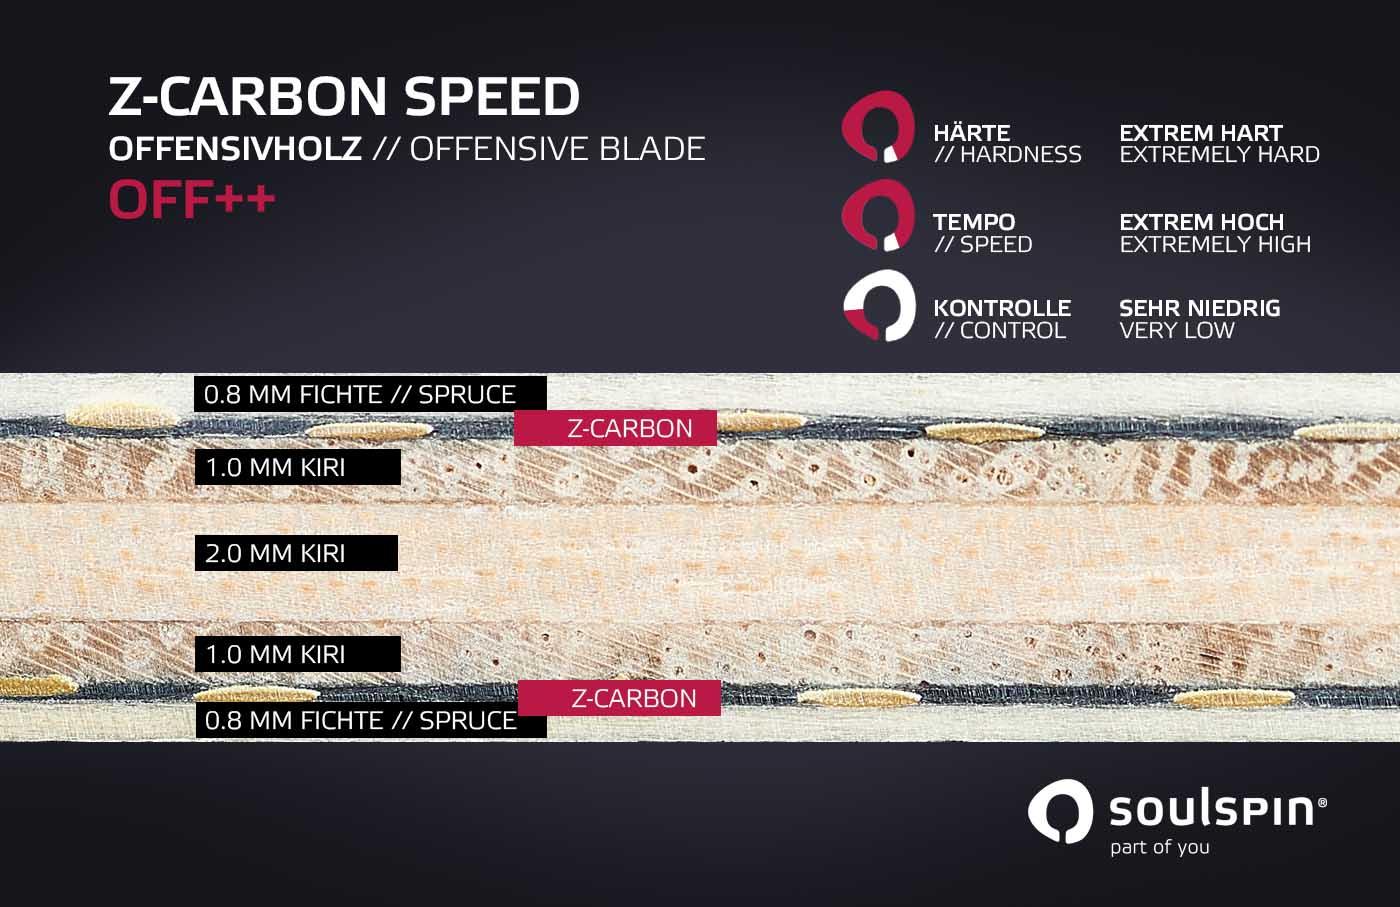 Furnieraufbau Z-Carbon Speed extrem schnelle und hartes Tischtennisholz mit Carbonfaser